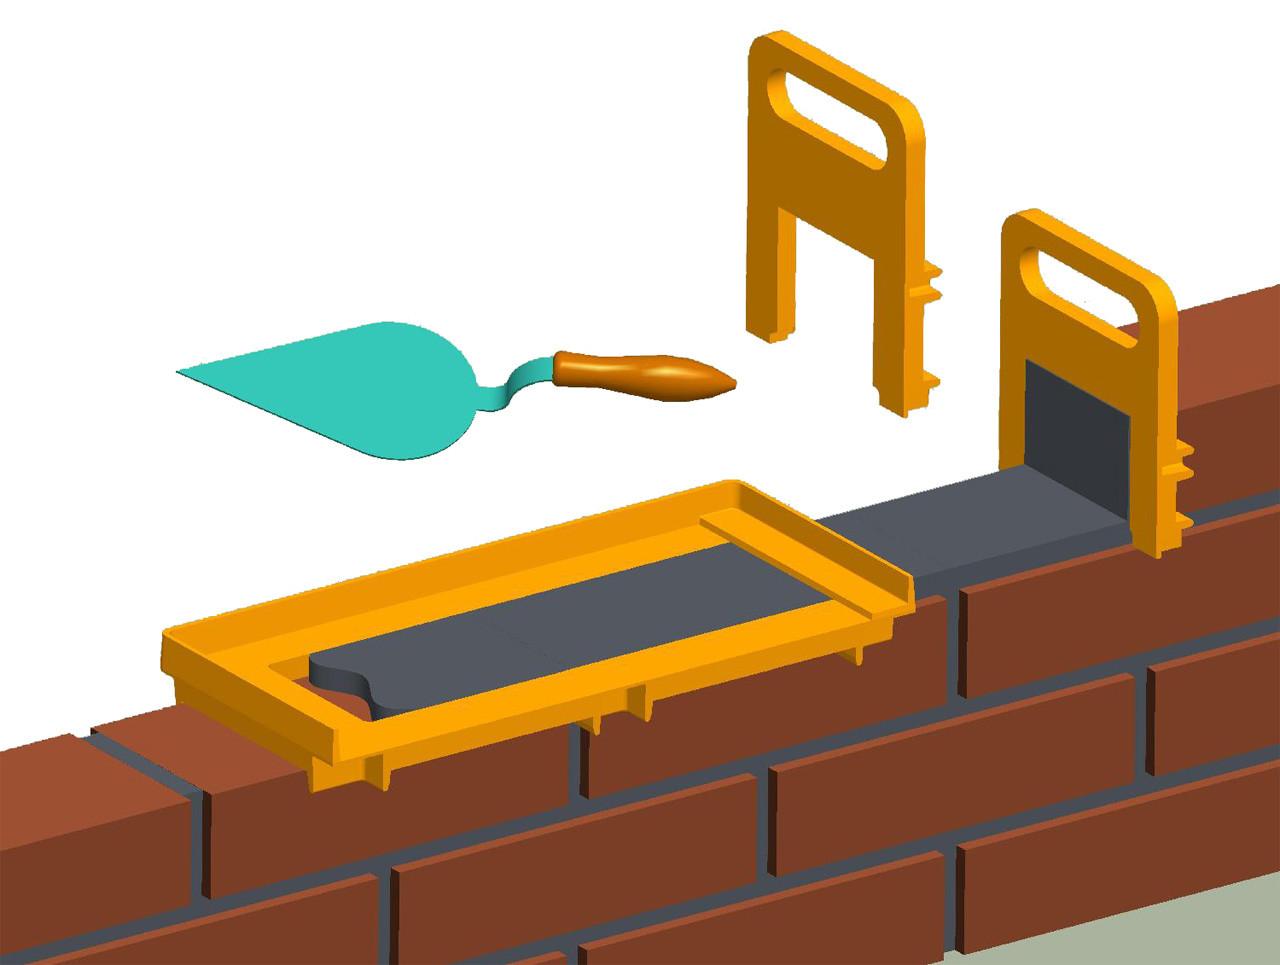 приспособления для кладки клинкерного фасада